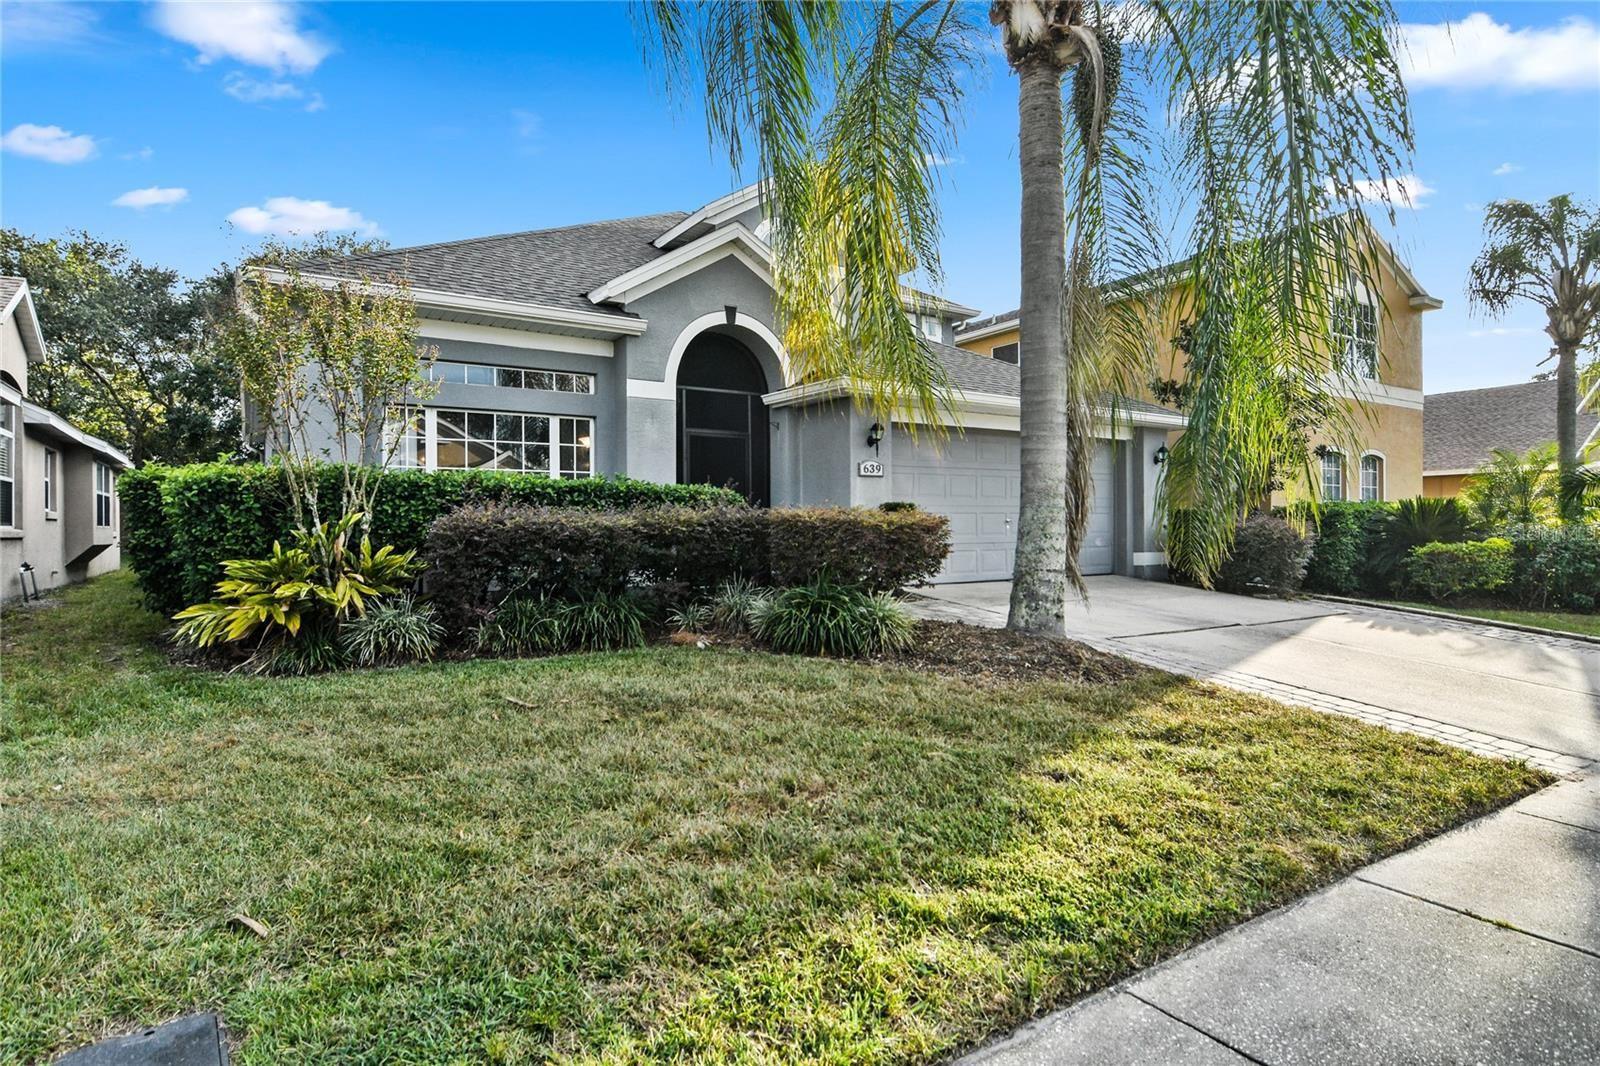 639 BLENHEIM LOOP, Winter Springs, FL 32708 - #: O5981447